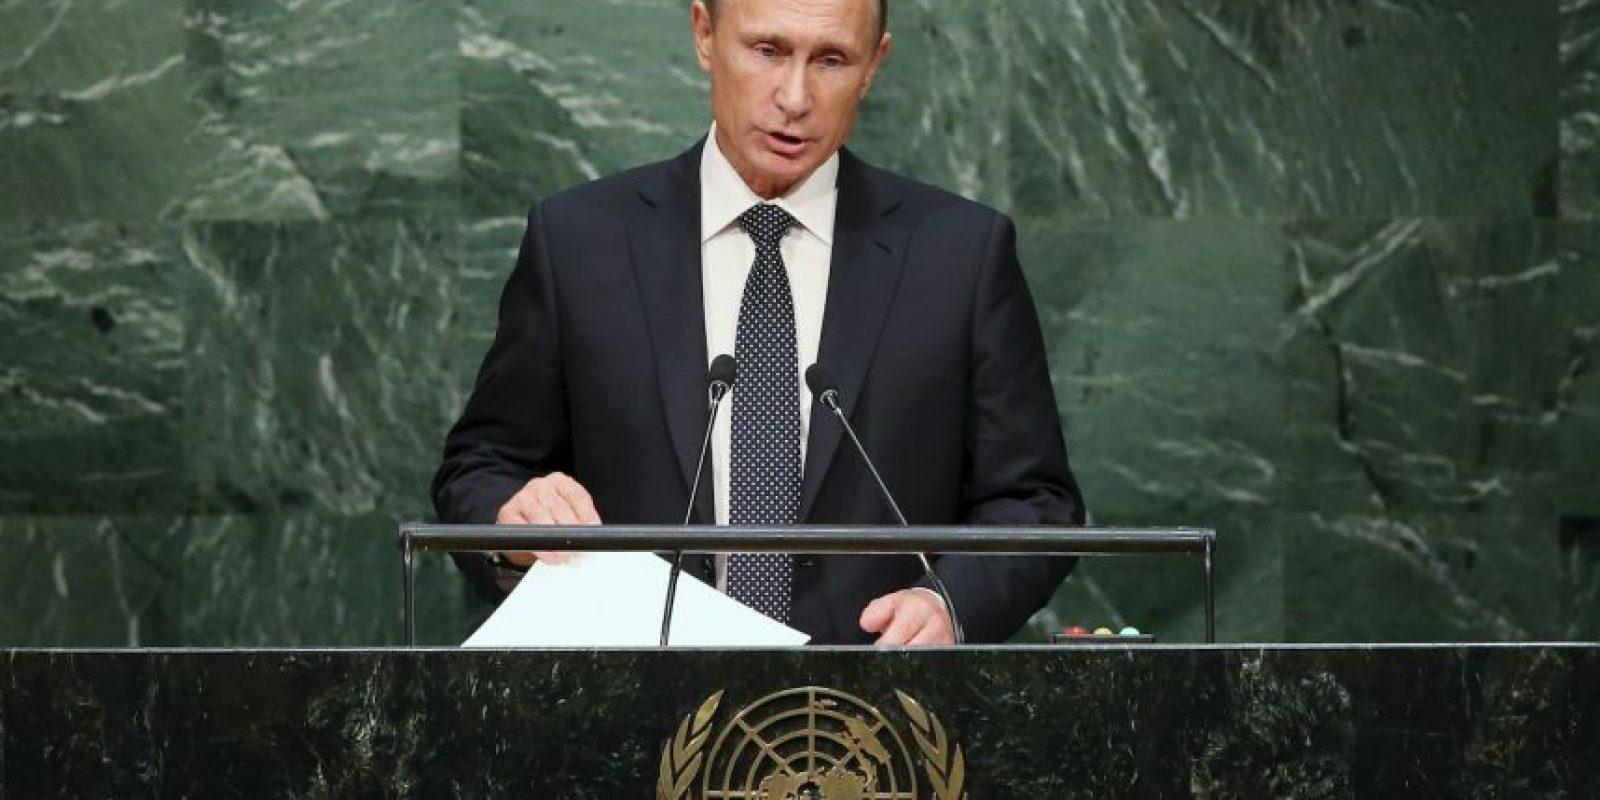 Quien declaró ante la ONU que brindaró apoyo a Bashar Assad durante la guerra contra ISIS. Foto:Getty Images